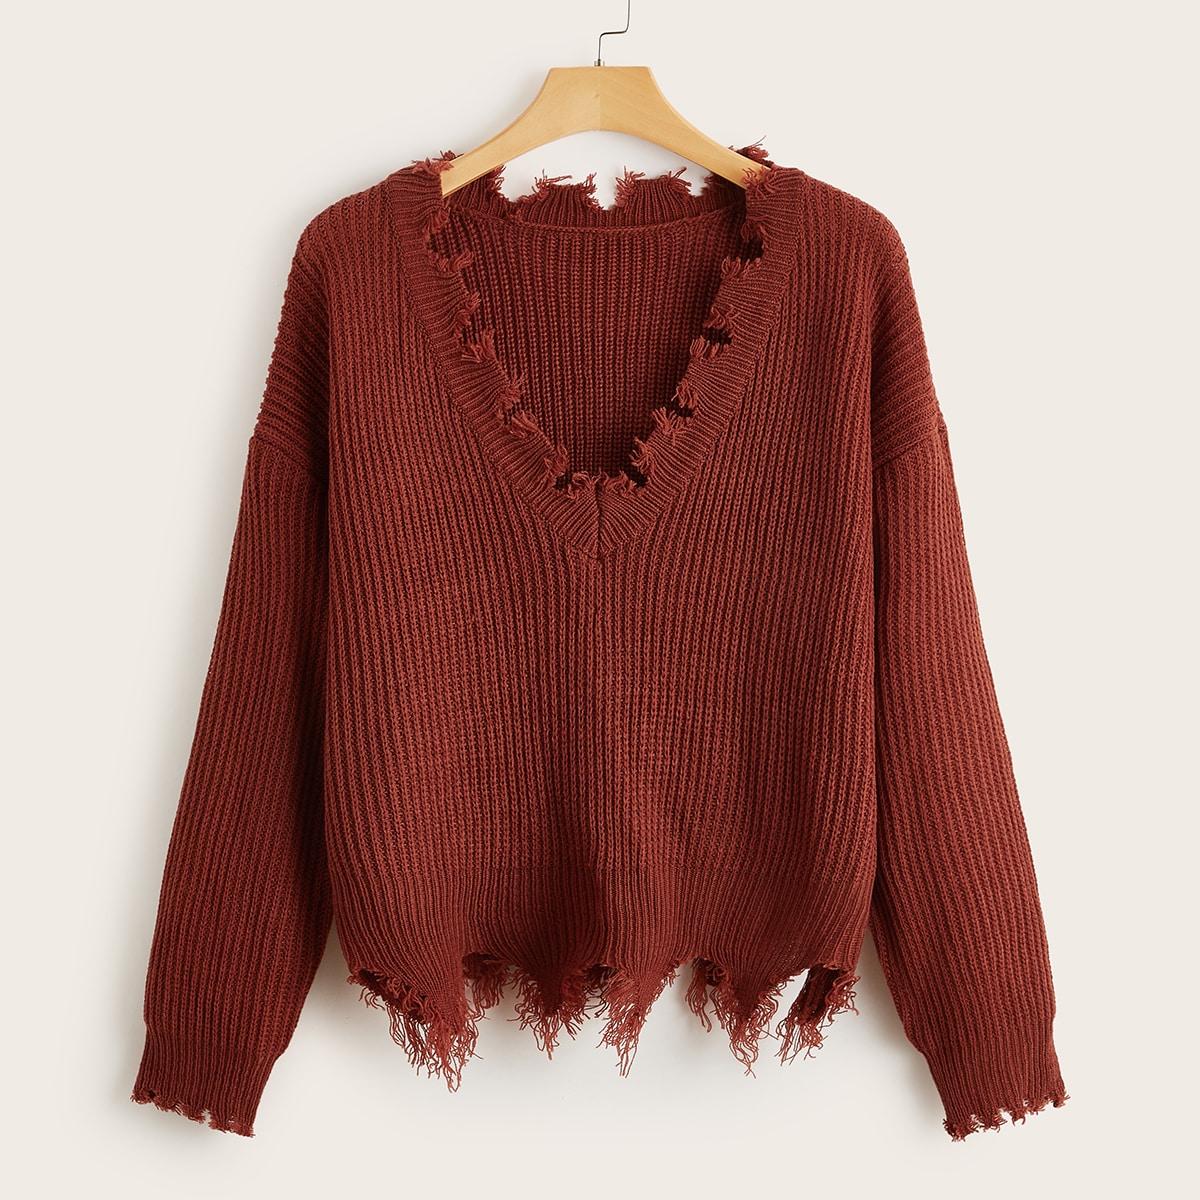 Однотонный вязаный свитер размера плюс в рубчик